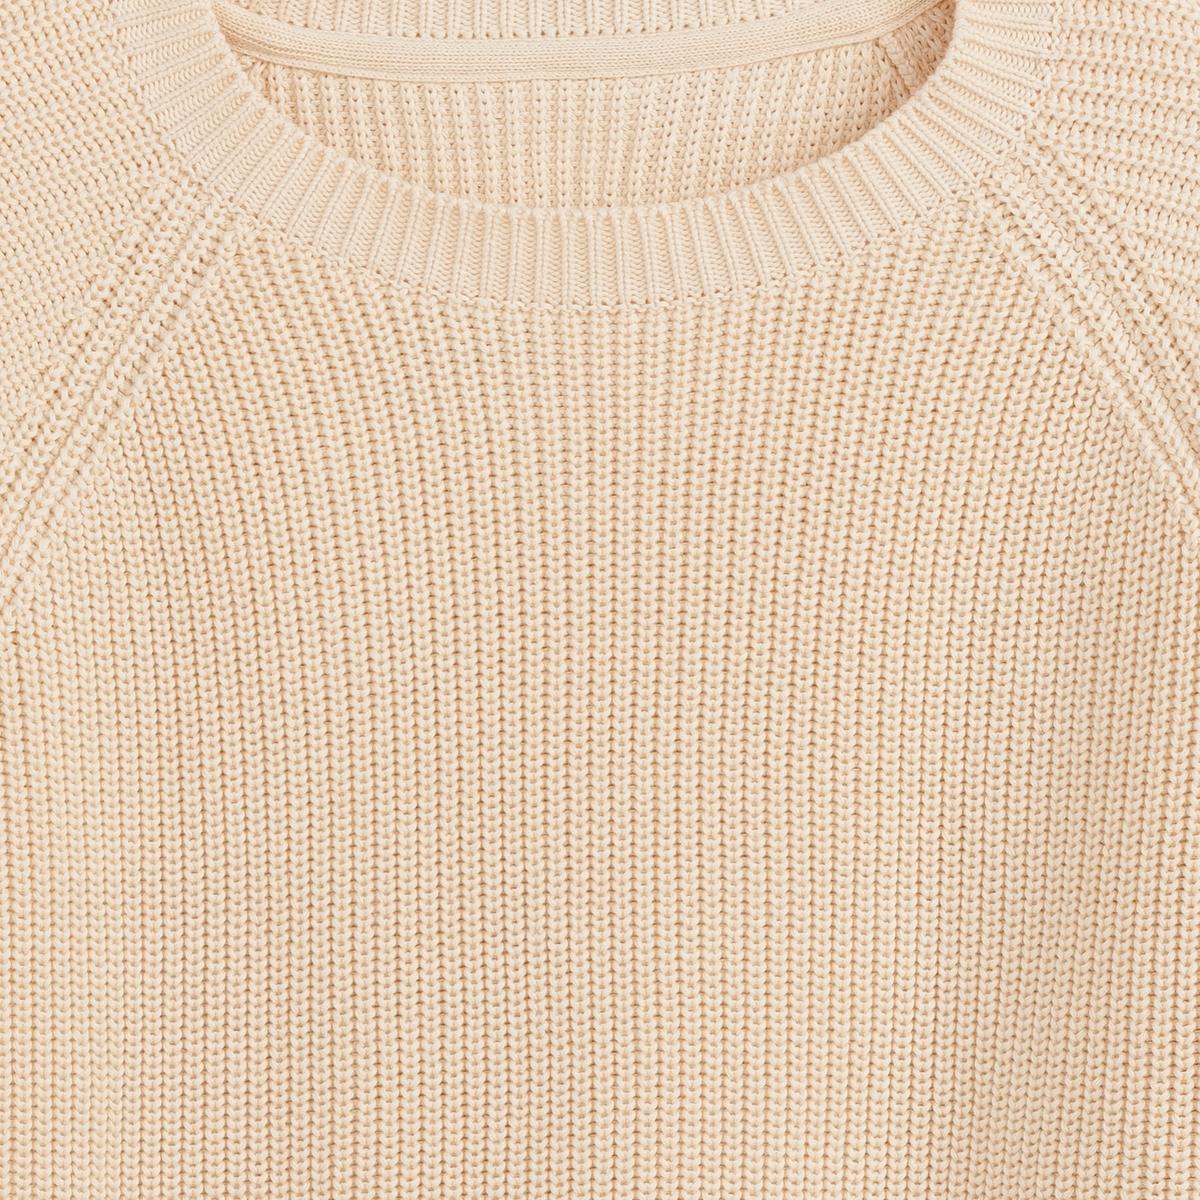 Пуловер из фантазийного трикотажа, 100% хлопкаПуловер с длинными рукавами, прямой покрой, круглый вырез. Трикотаж фантазийной вязки. Проймы с оригинальным узором вязки. Края низа и рукавов связаны в рубчик.Состав и описаниеМатериал: 100% хлопка.Марка: R essentiels.<br><br>Цвет: экрю<br>Размер: 3XL